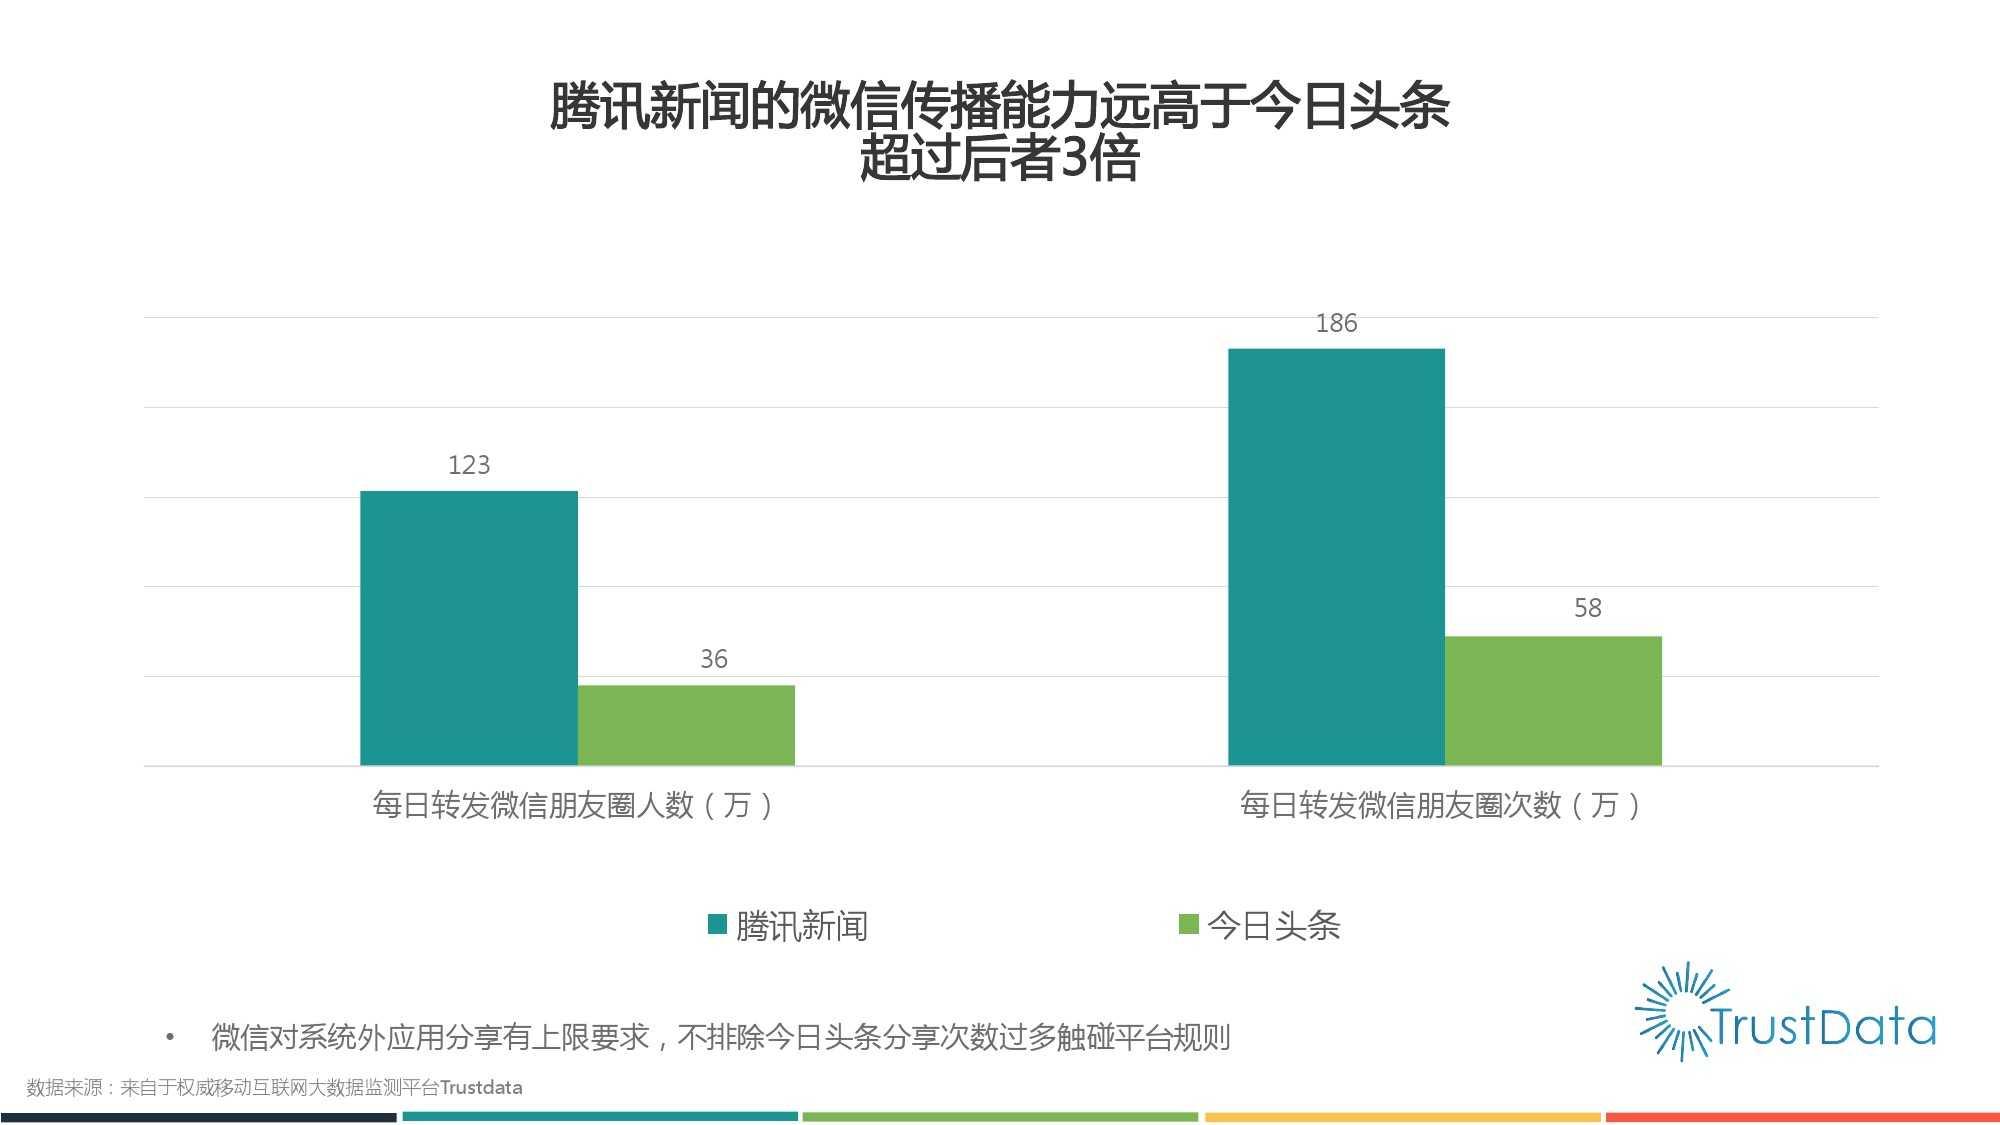 2015年1月至10月中国移动互联网新闻客户端发展分析报告 Final_000016